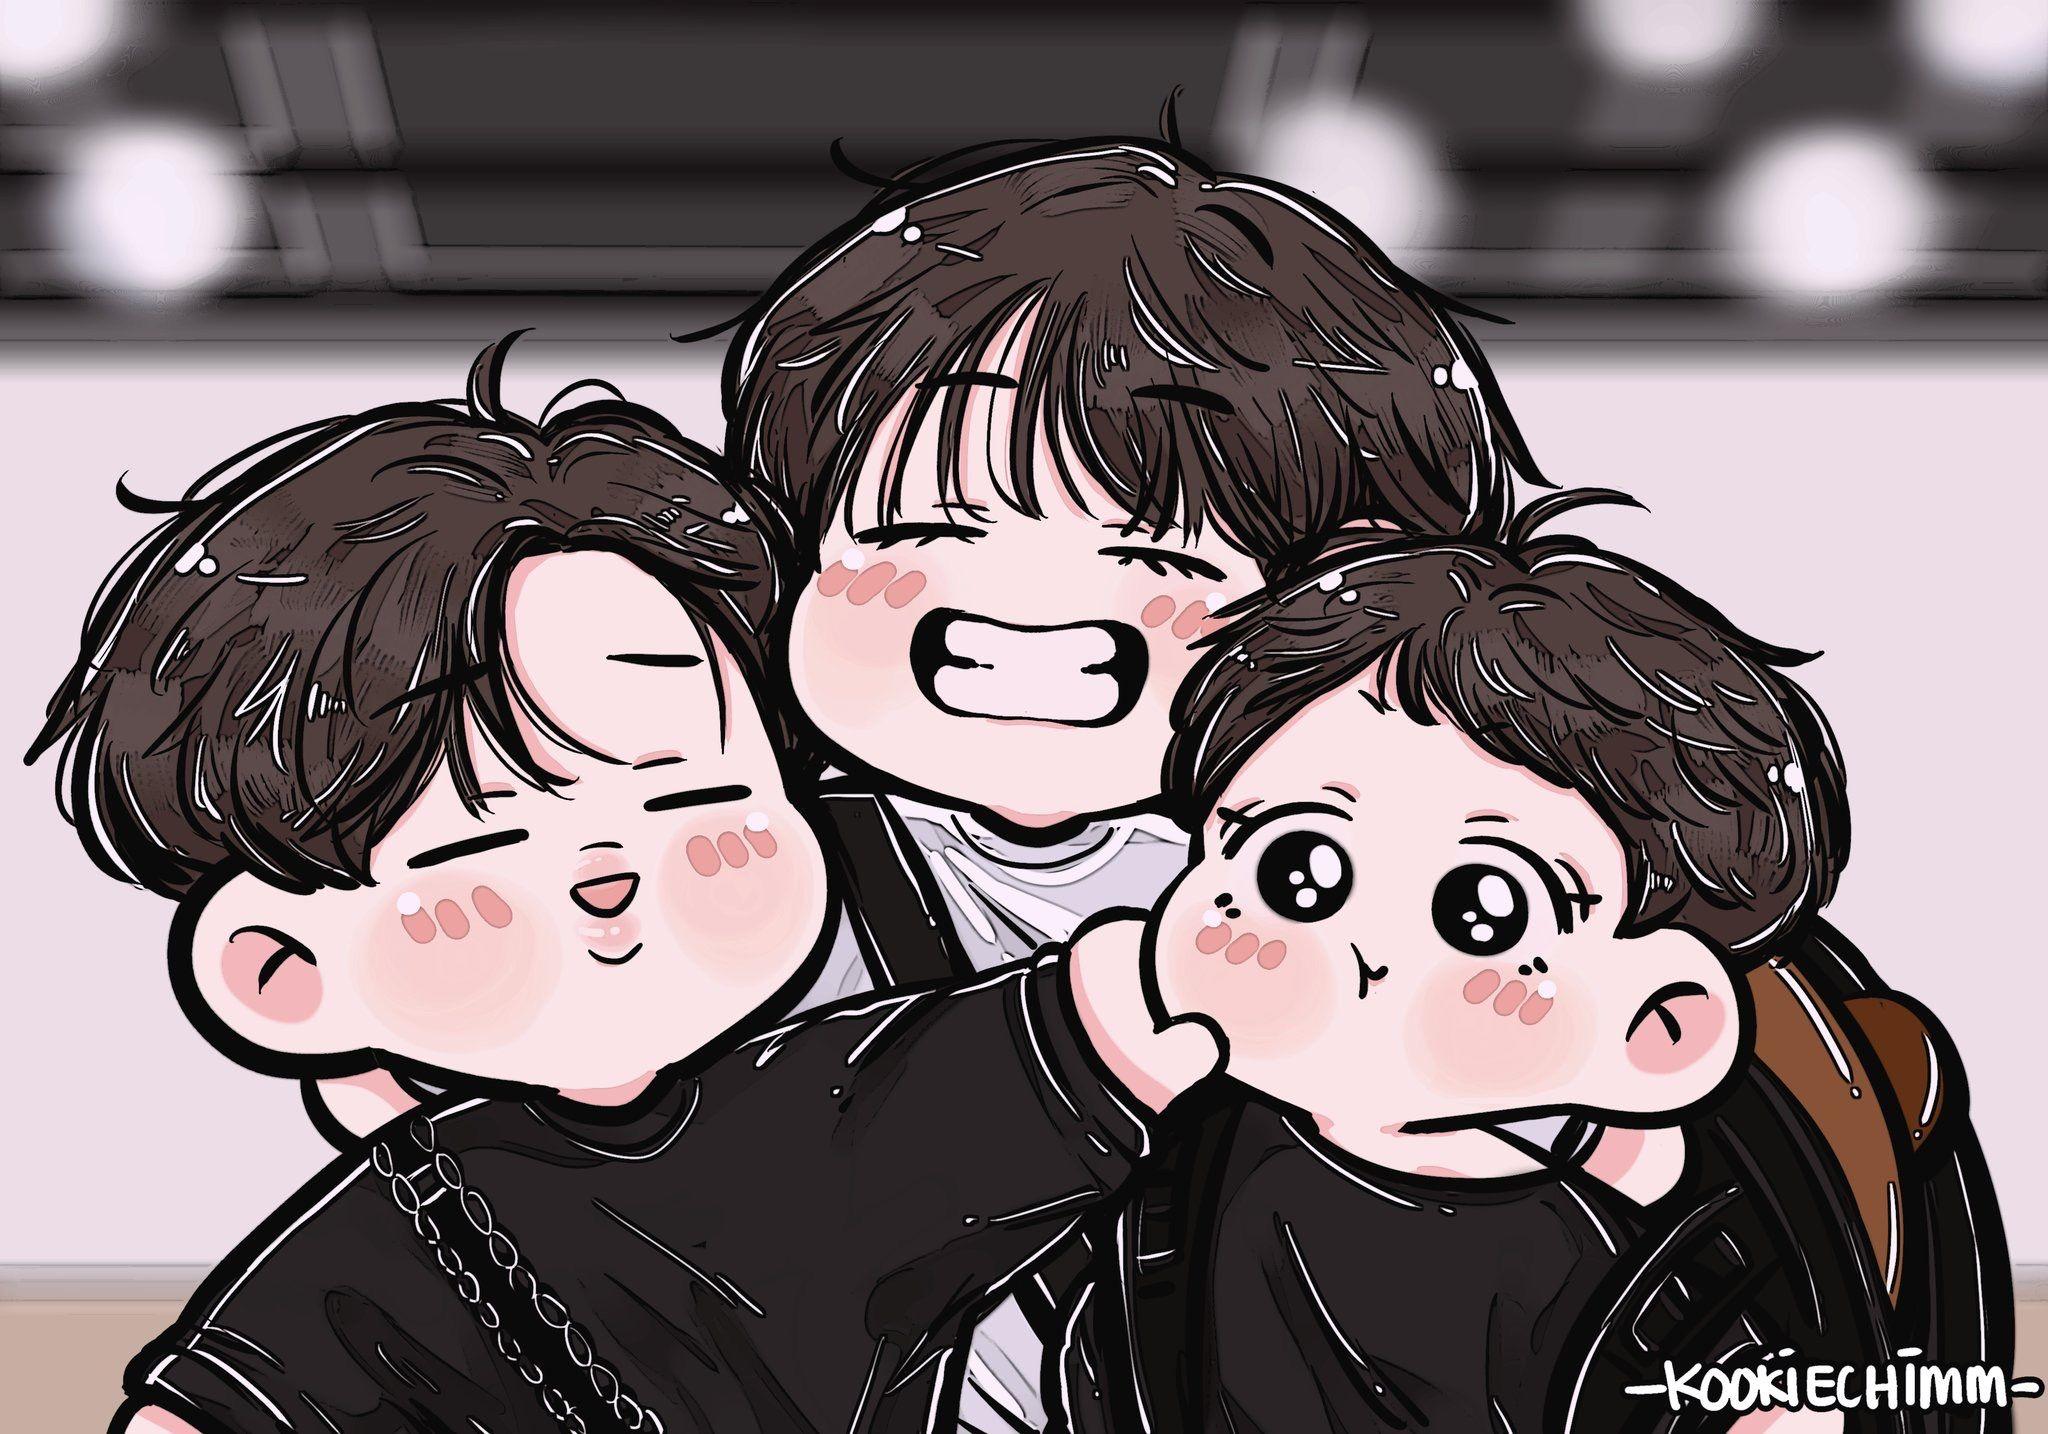 Pin on BTS cute fan art